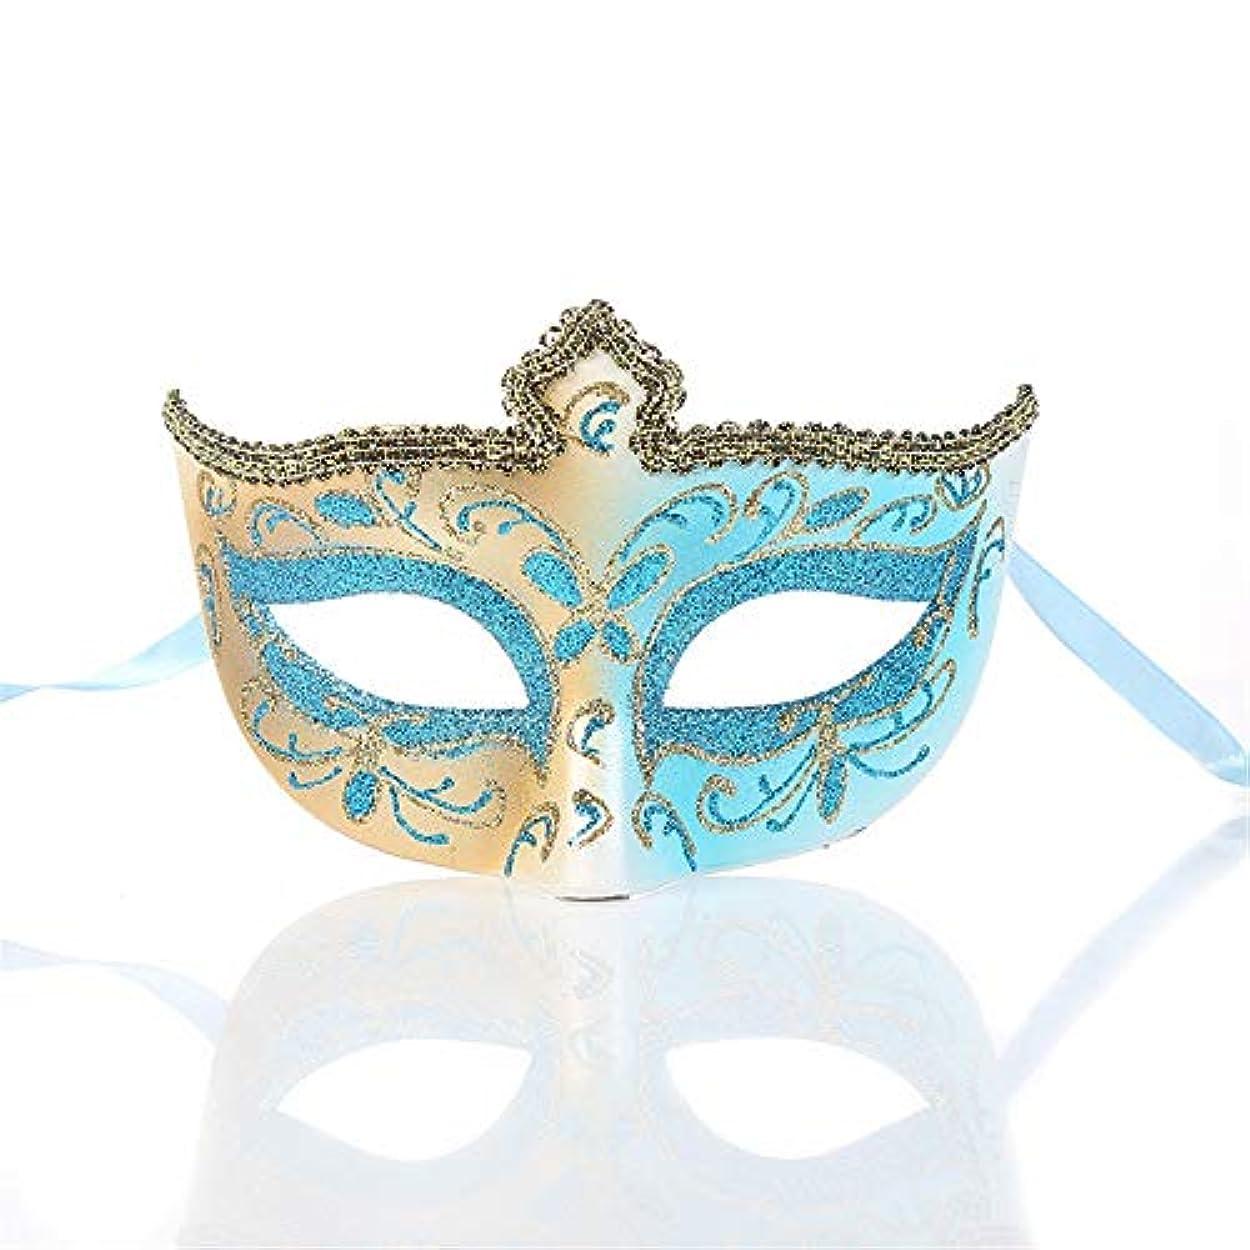 電気通信網体ダンスマスク クリエイティブクラシックハーフマスクマスカレードパーティーデコレーションコスプレプラスチックマスク ホリデーパーティー用品 (色 : 青, サイズ : 17x11cm)